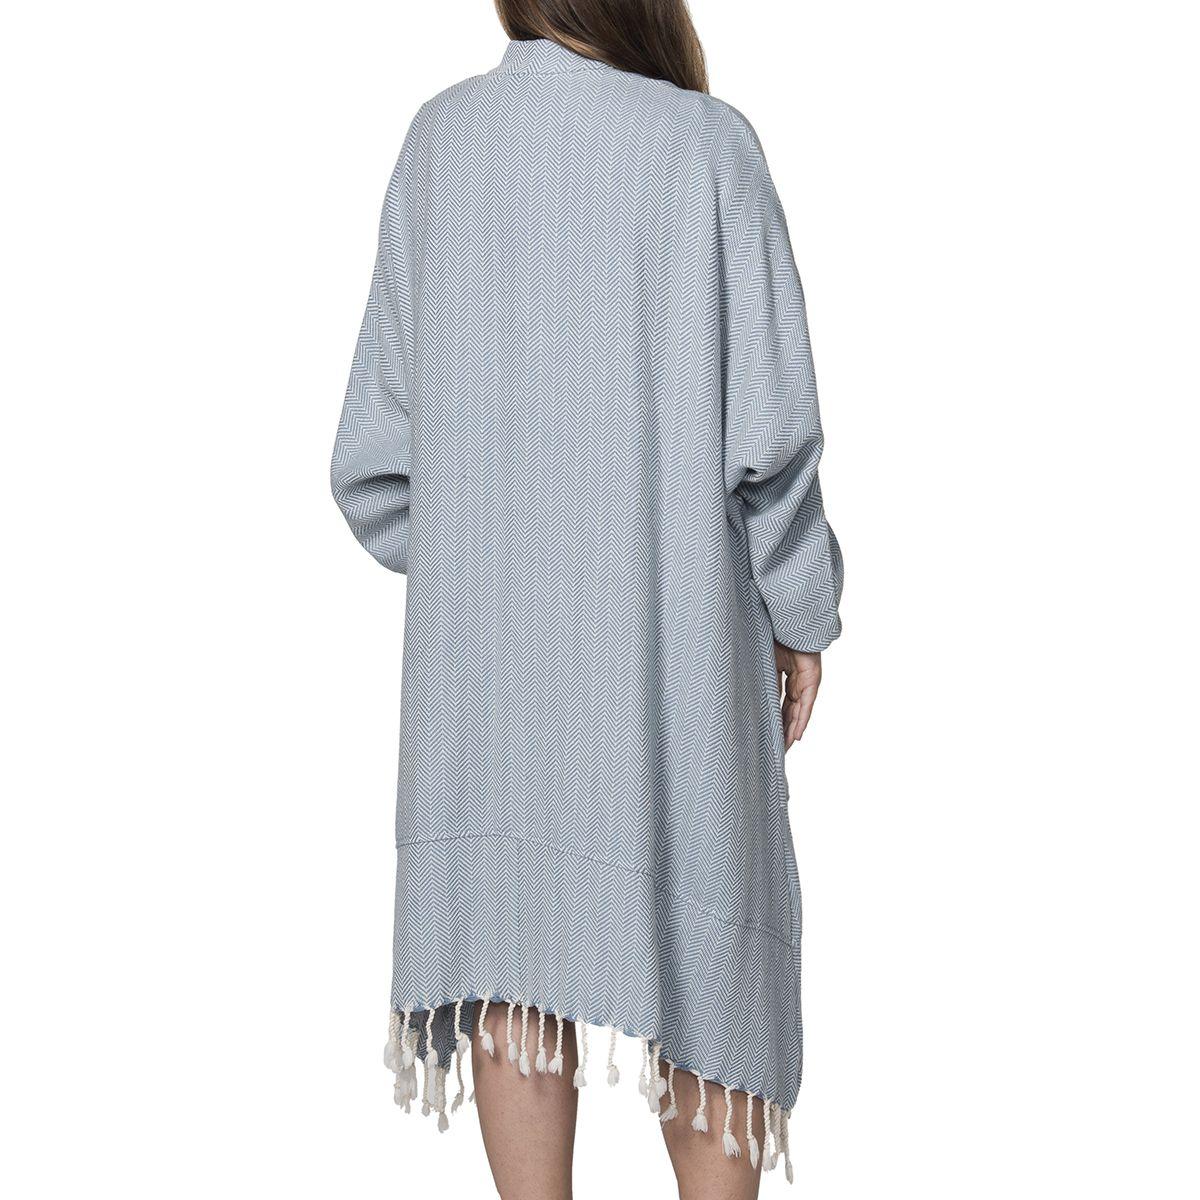 Dress ZigZag - Air Blue